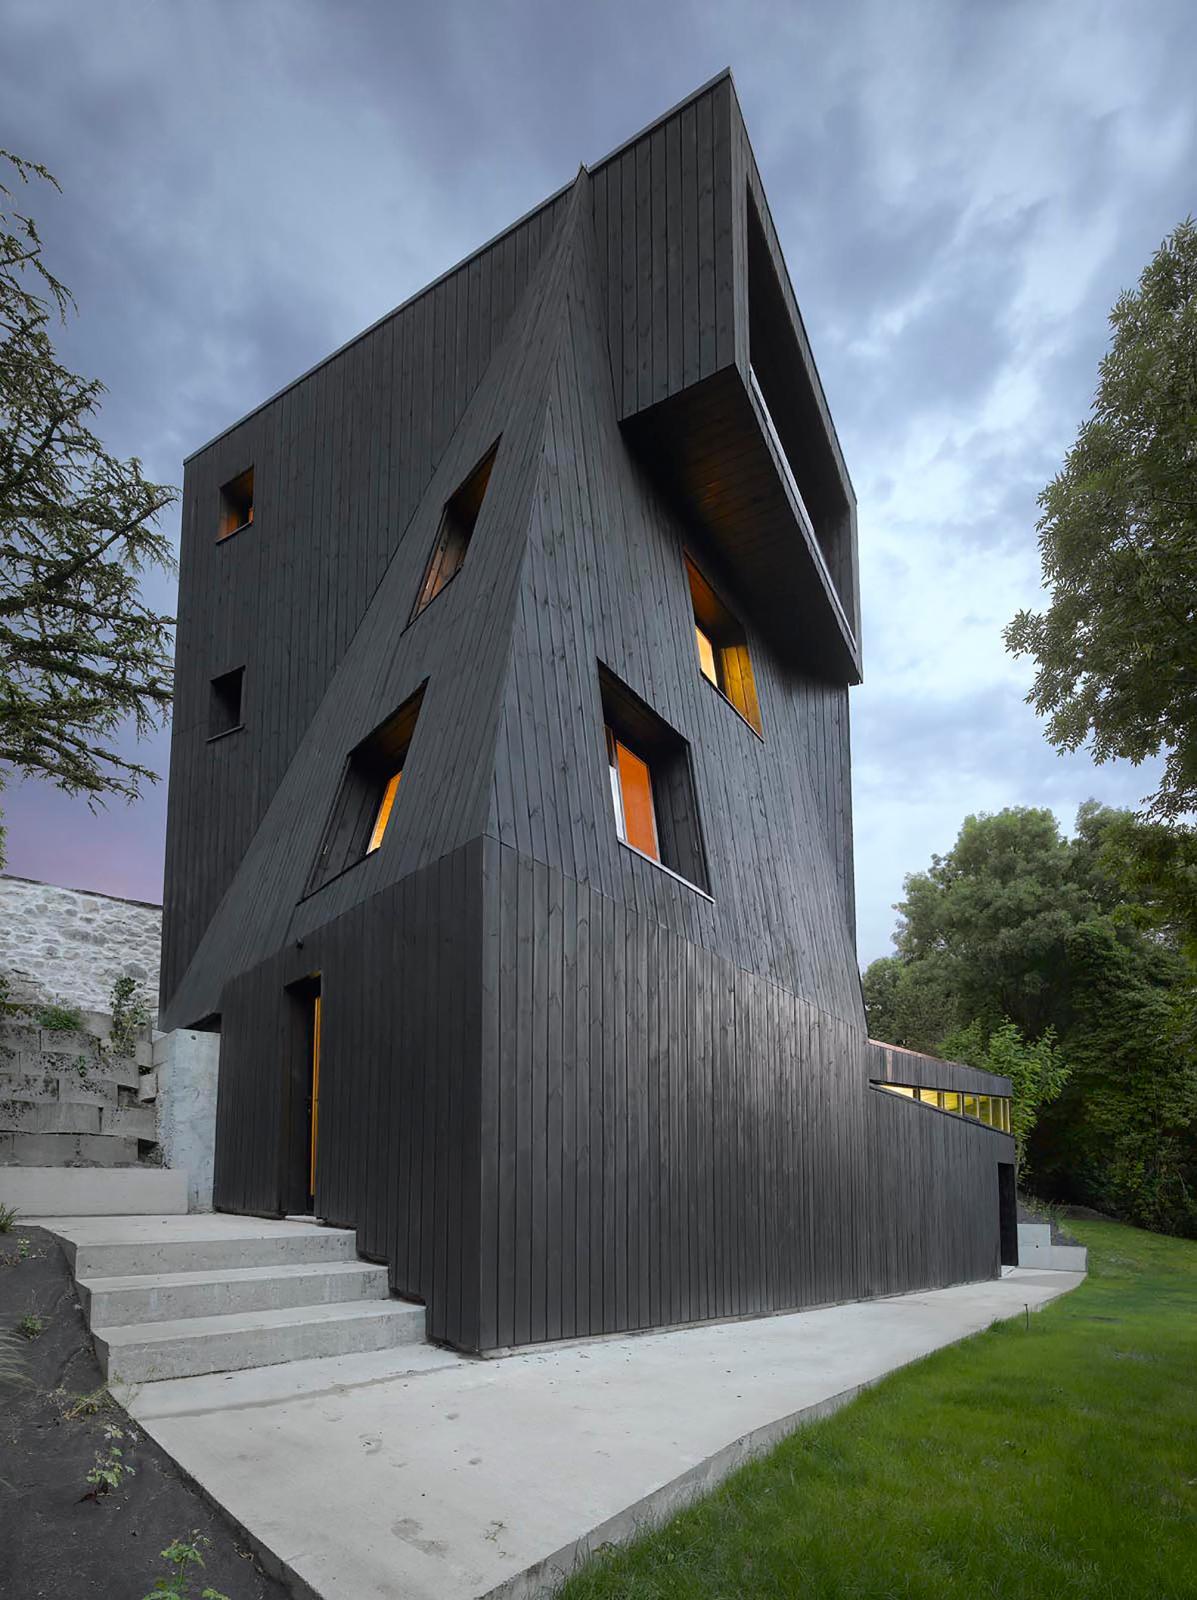 La résidence Saint-Ange, conçue par l'architecte Odile Decq.